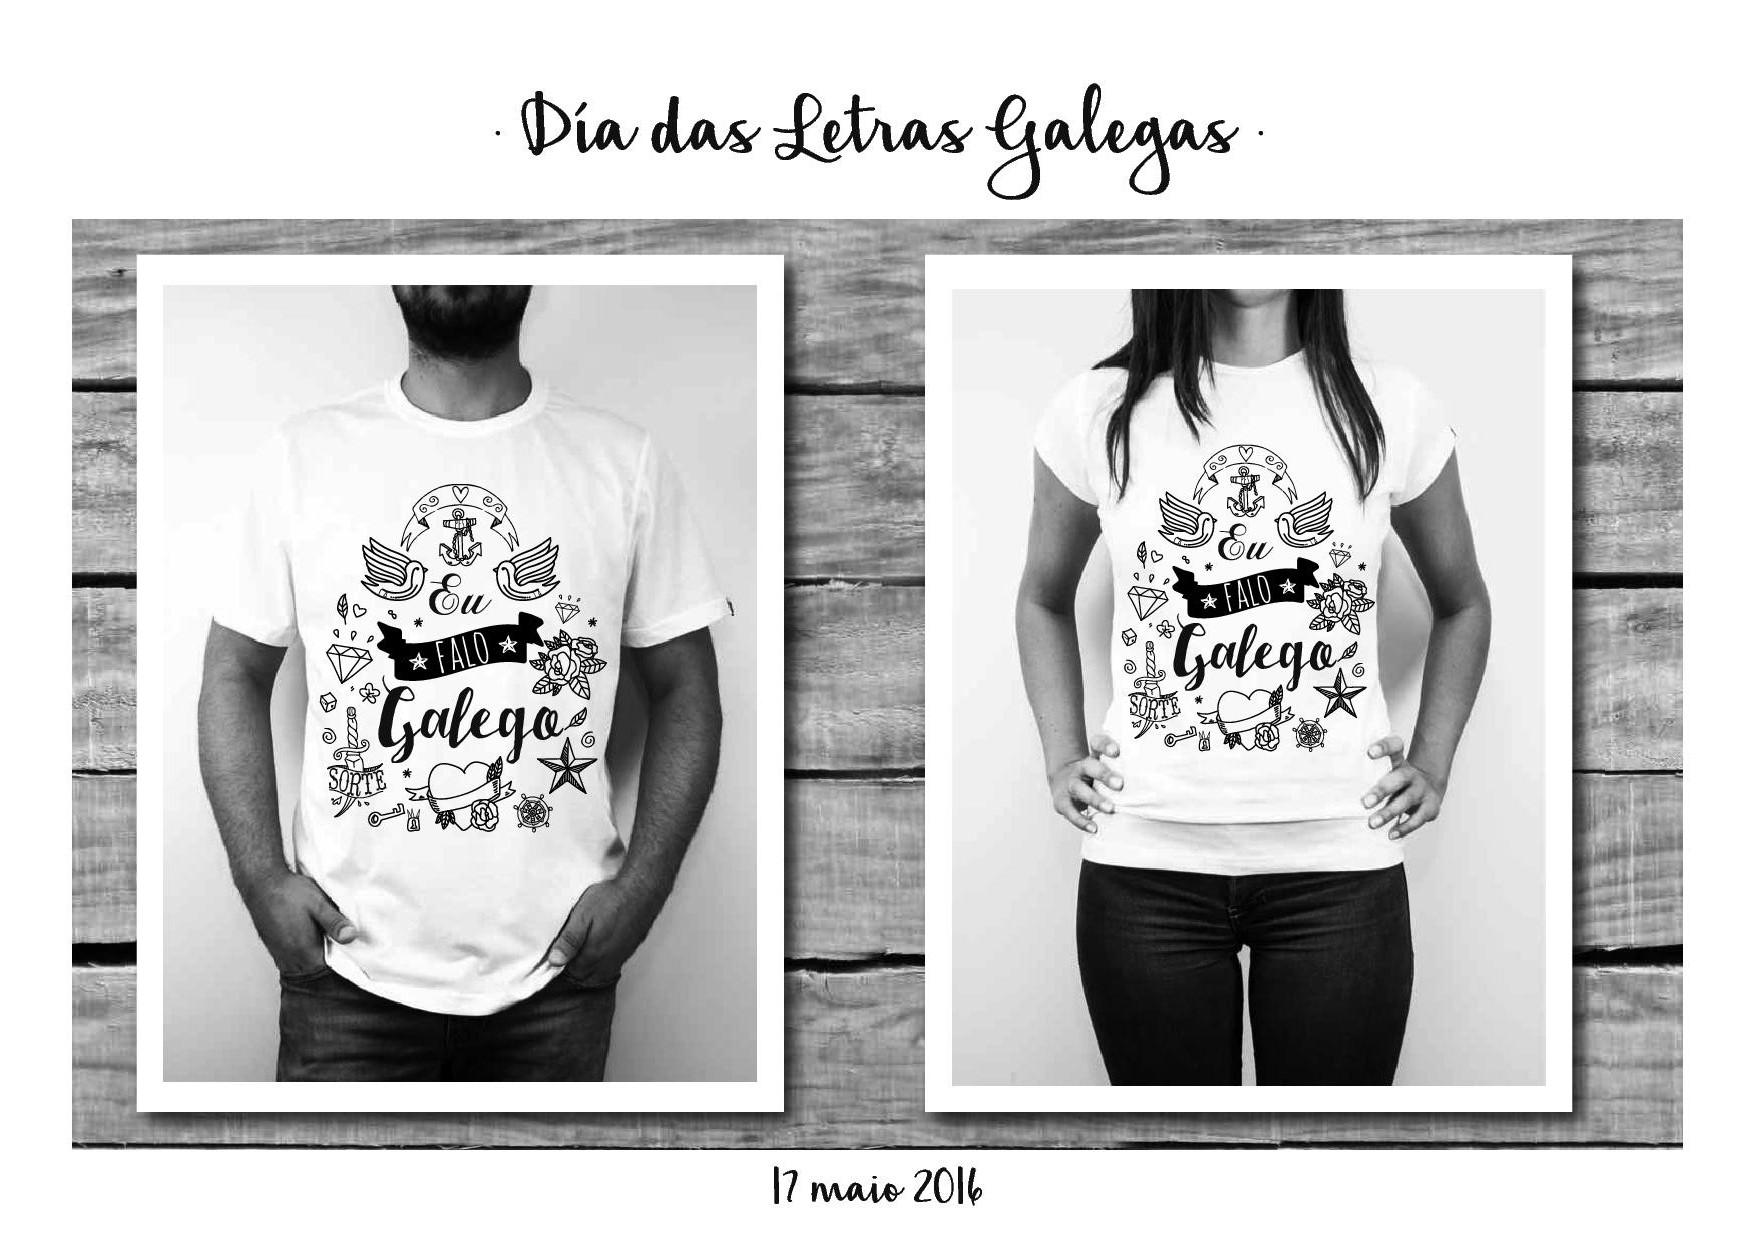 Camisetas Eu falo Galego